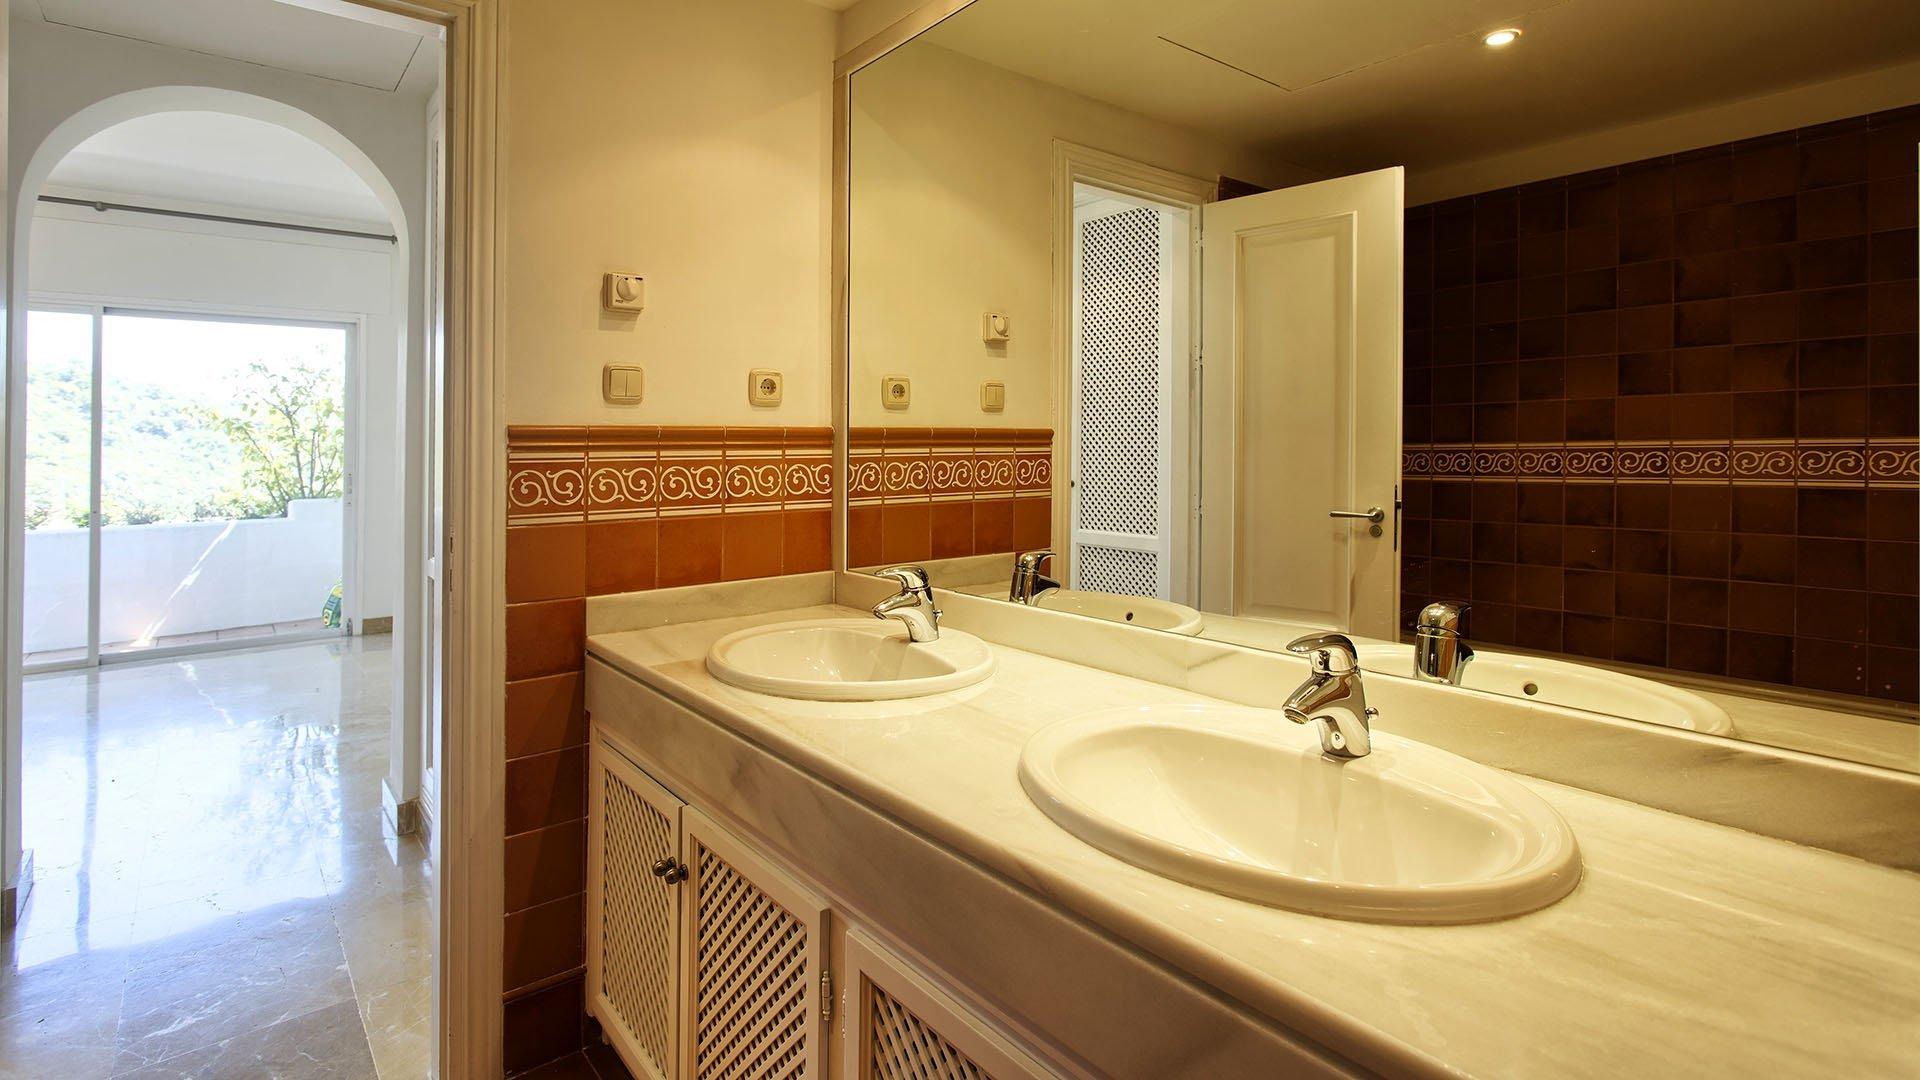 Lomas de La Quinta: Spacious duplex penthouse with stunning views